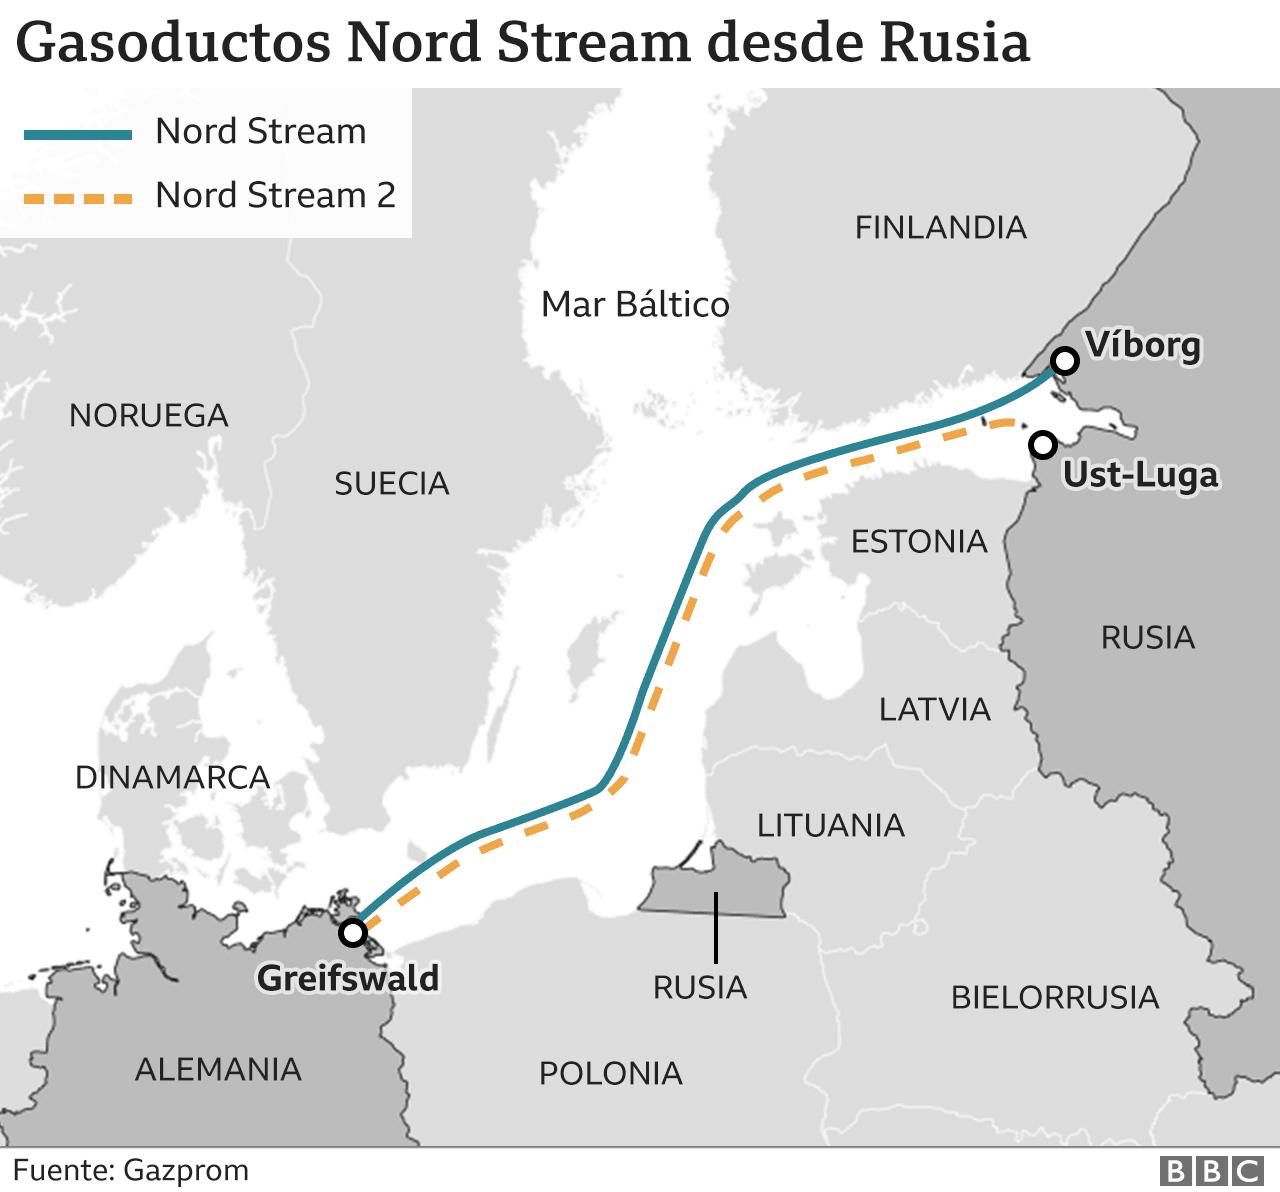 Mapa de los gasoductos.